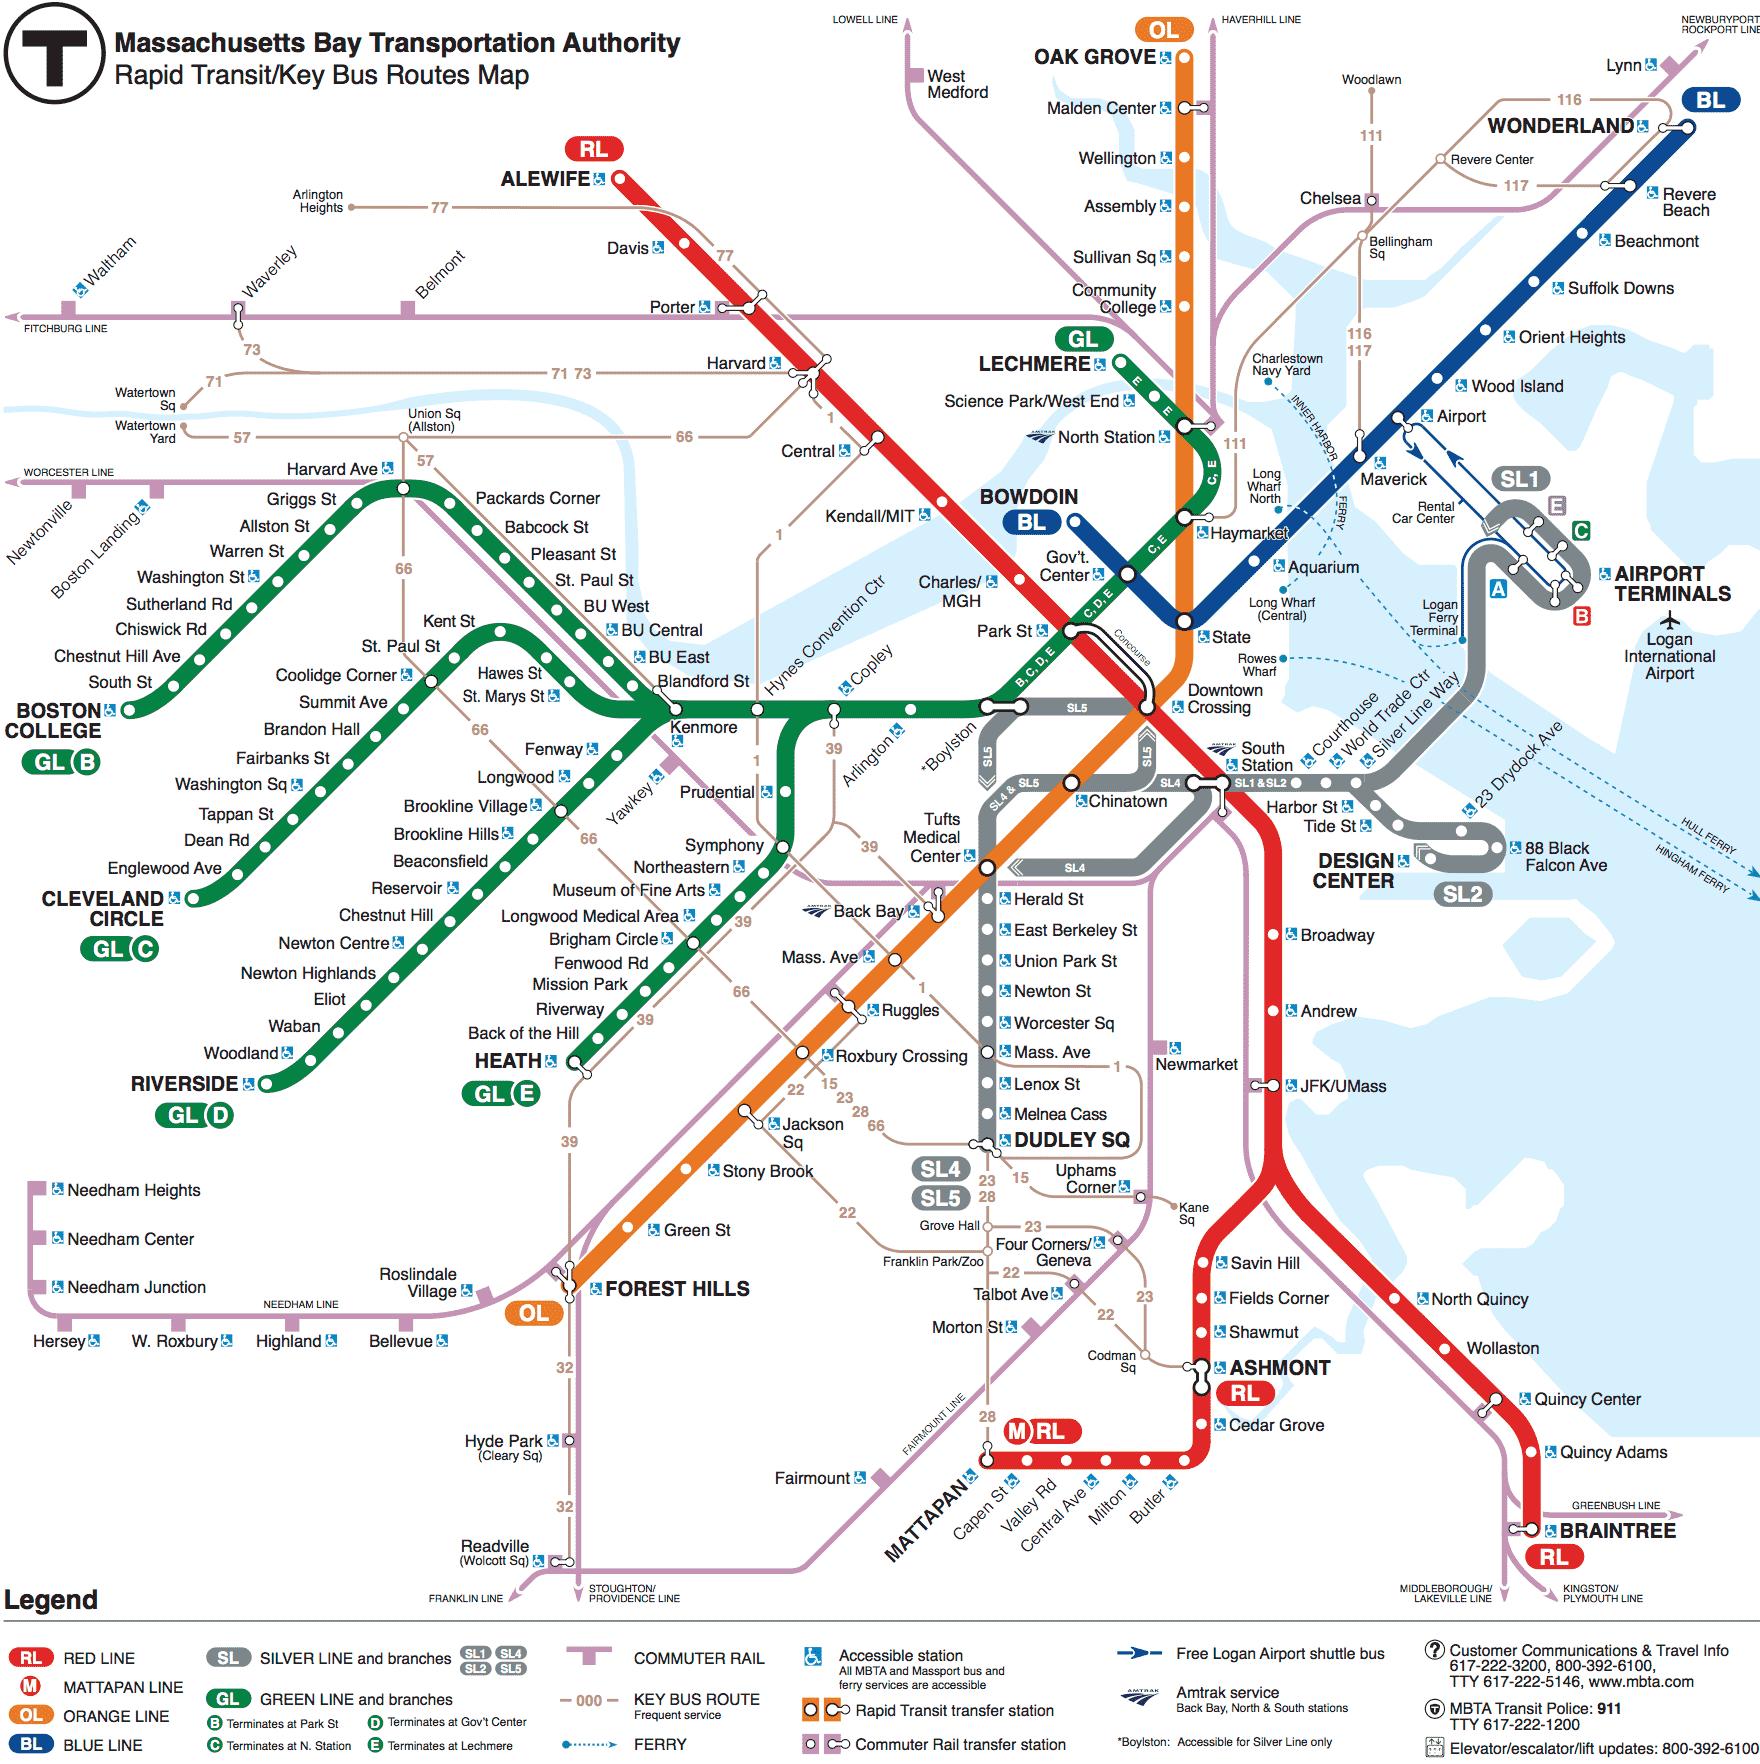 Subway Schedules Maps MBTA Massachusetts Bay